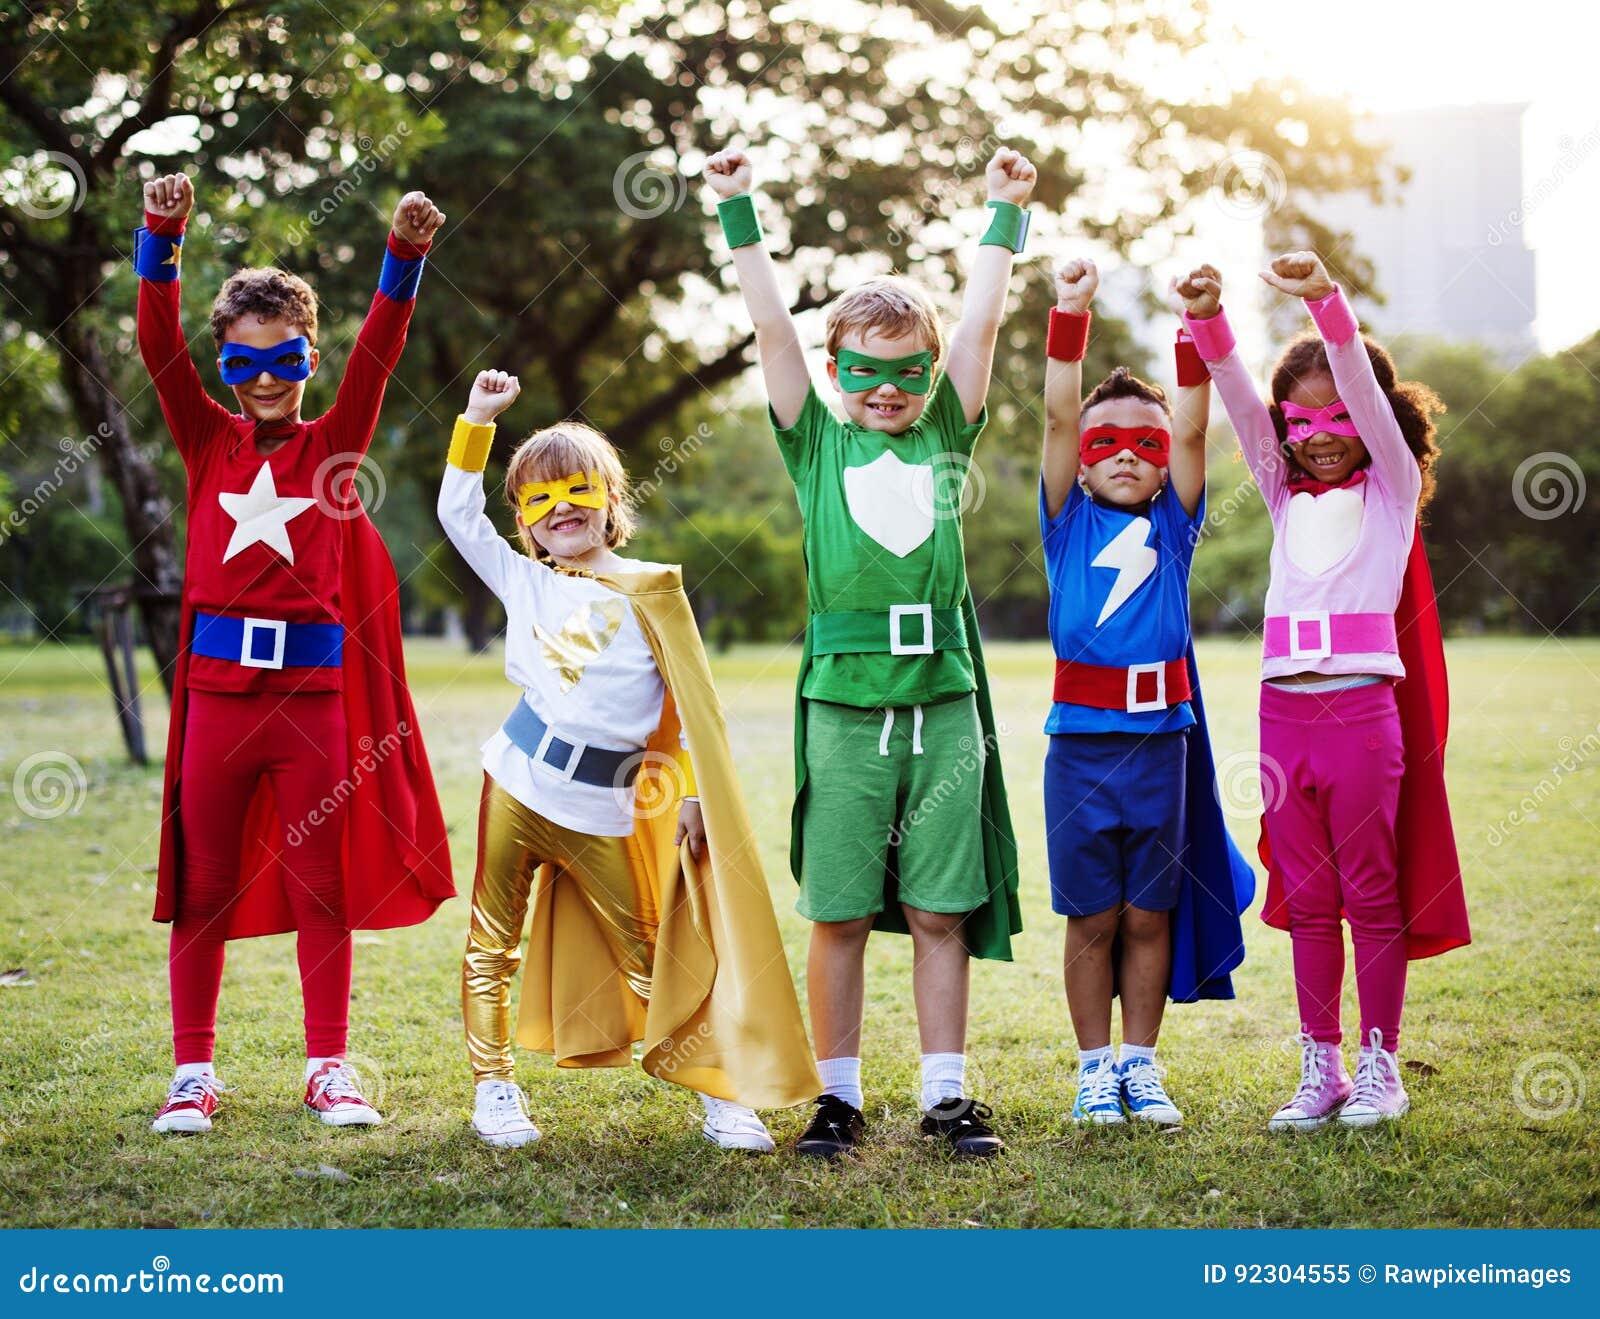 Traje del super héroe del desgaste de los niños al aire libre